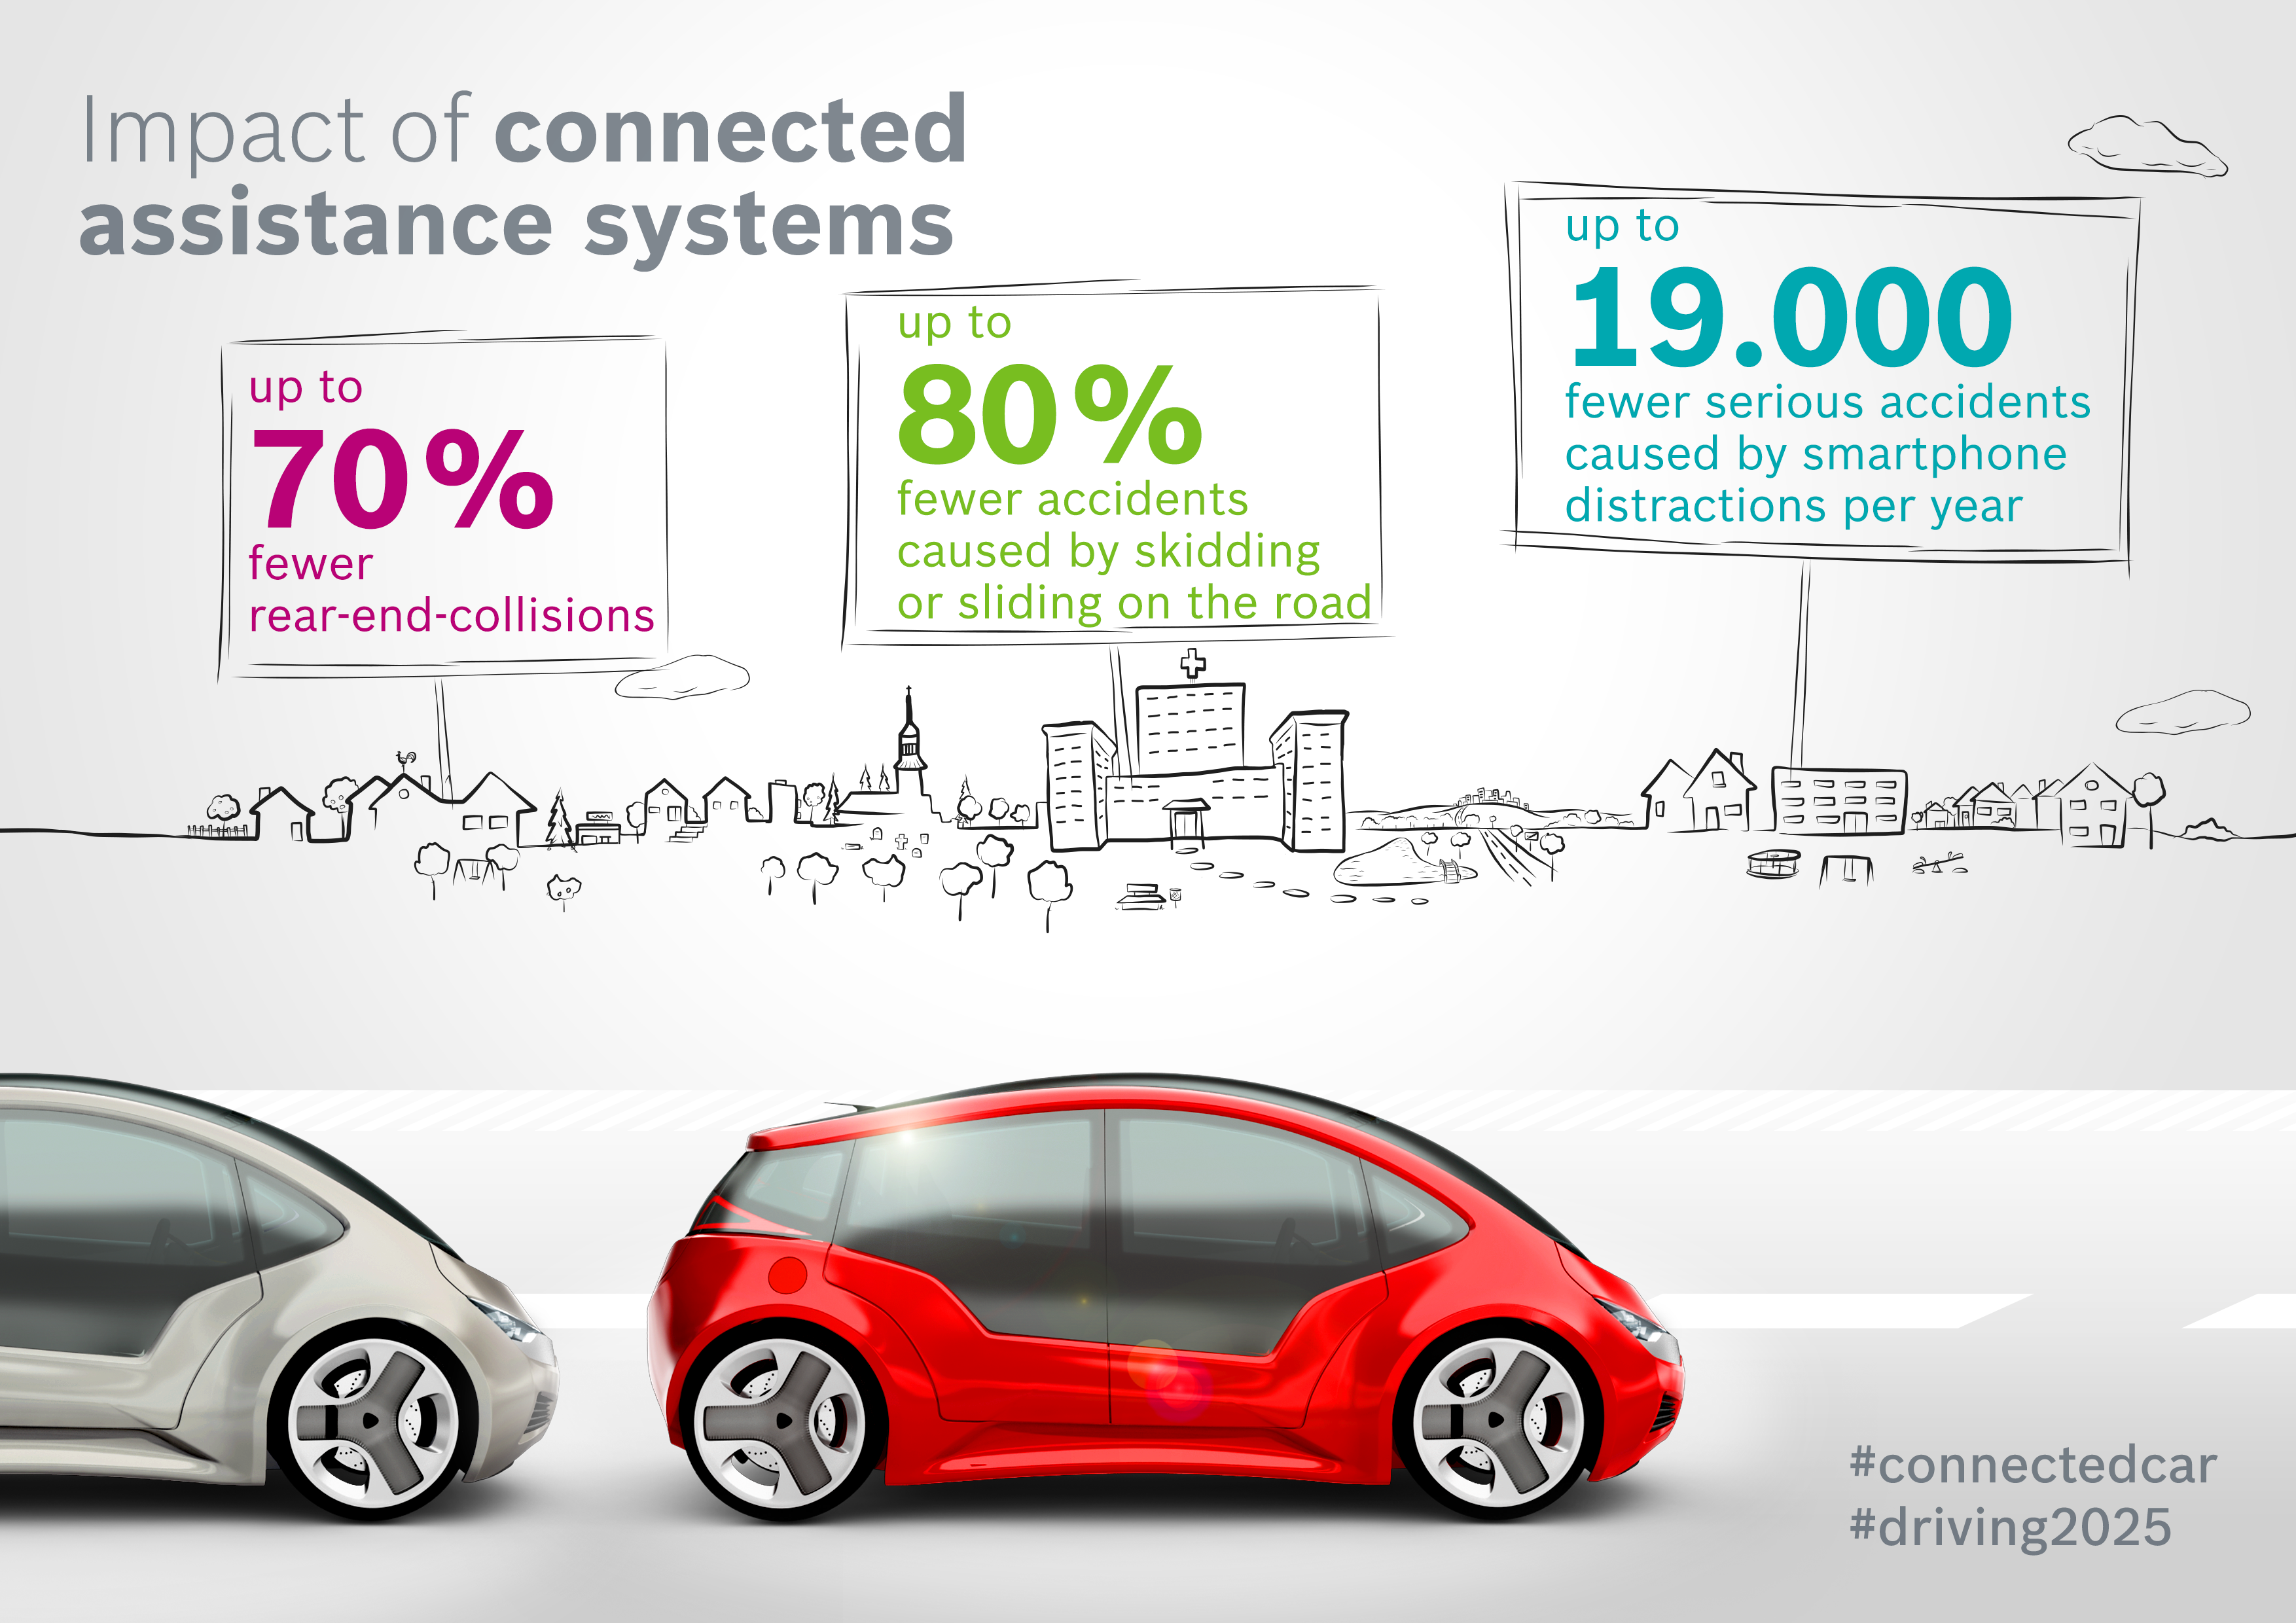 """Štúdia Bosch: """"Efekt prepojených vozidiel 2025"""": účinnosť prepojených asistenčných systémov"""